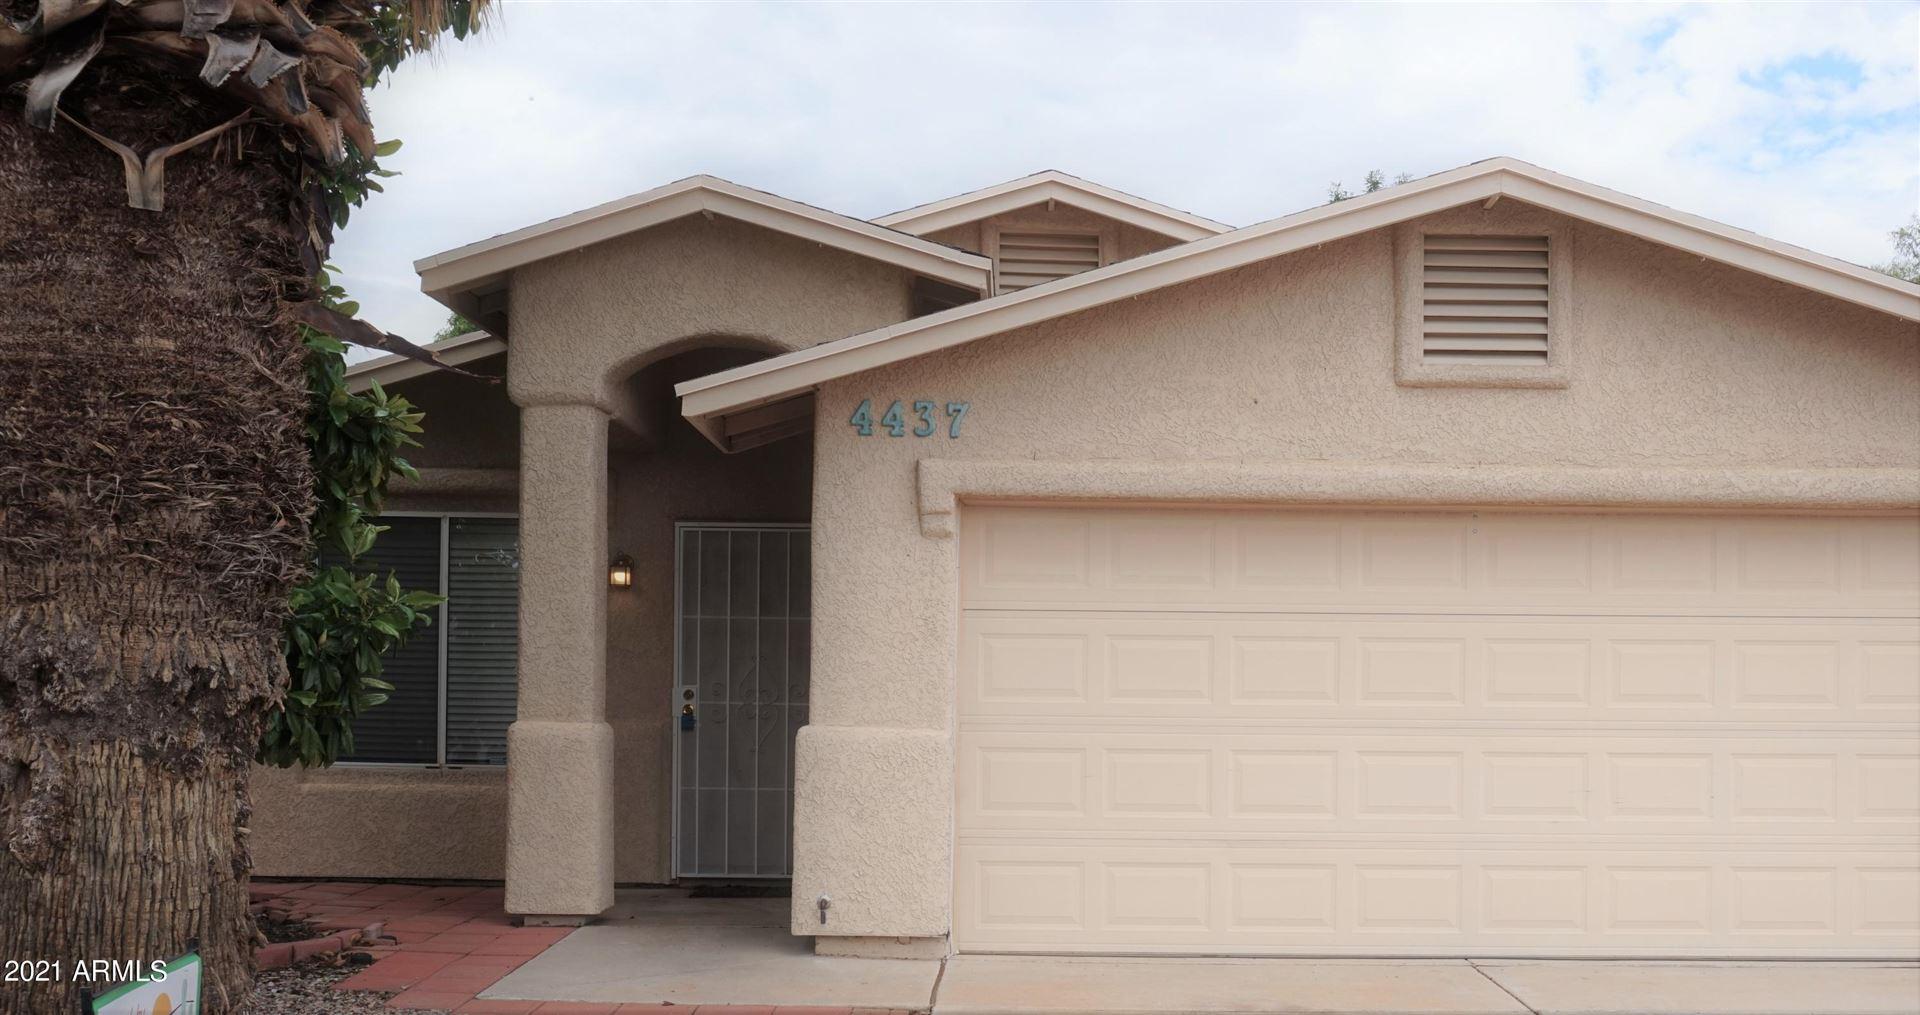 4437 TERRITORIAL Loop, Sierra Vista, AZ 85635 - MLS#: 6270014